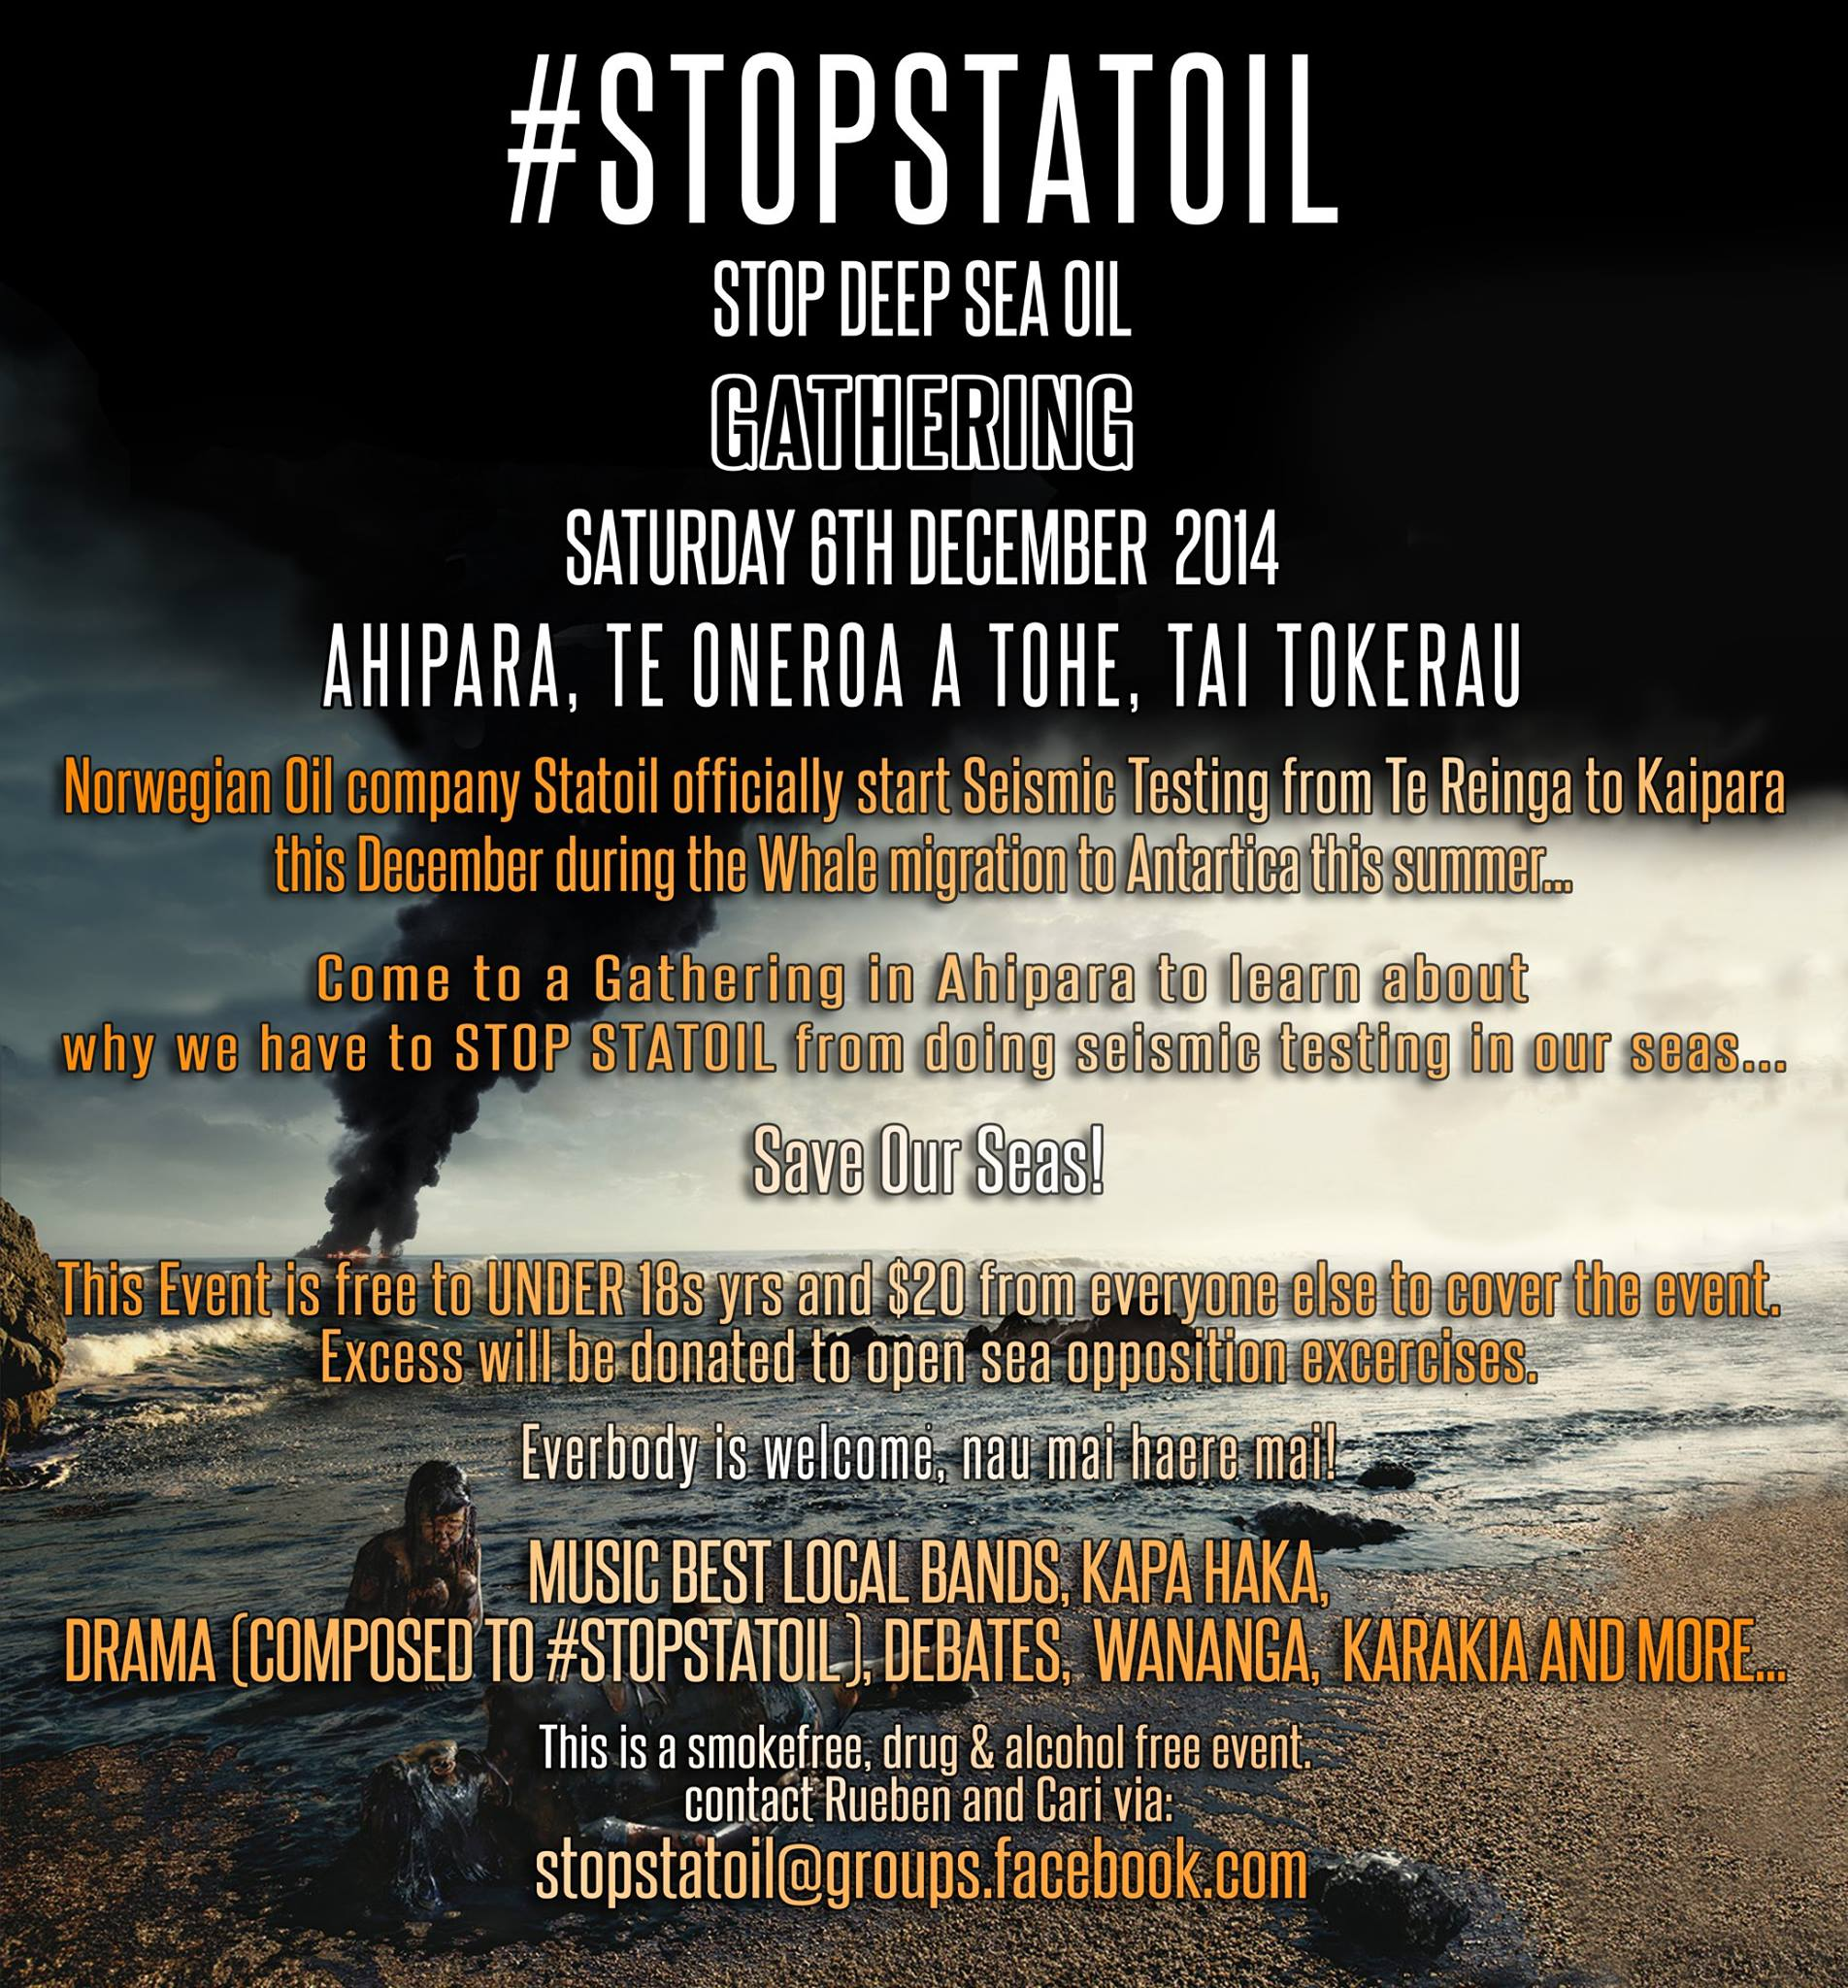 #STOPSTATOIL